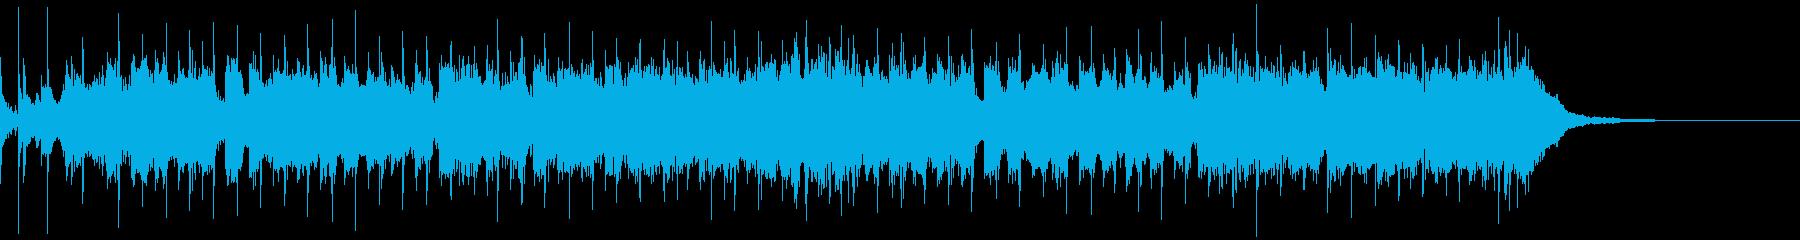 陽気で軽快なスカ・パンク風ジングルの再生済みの波形